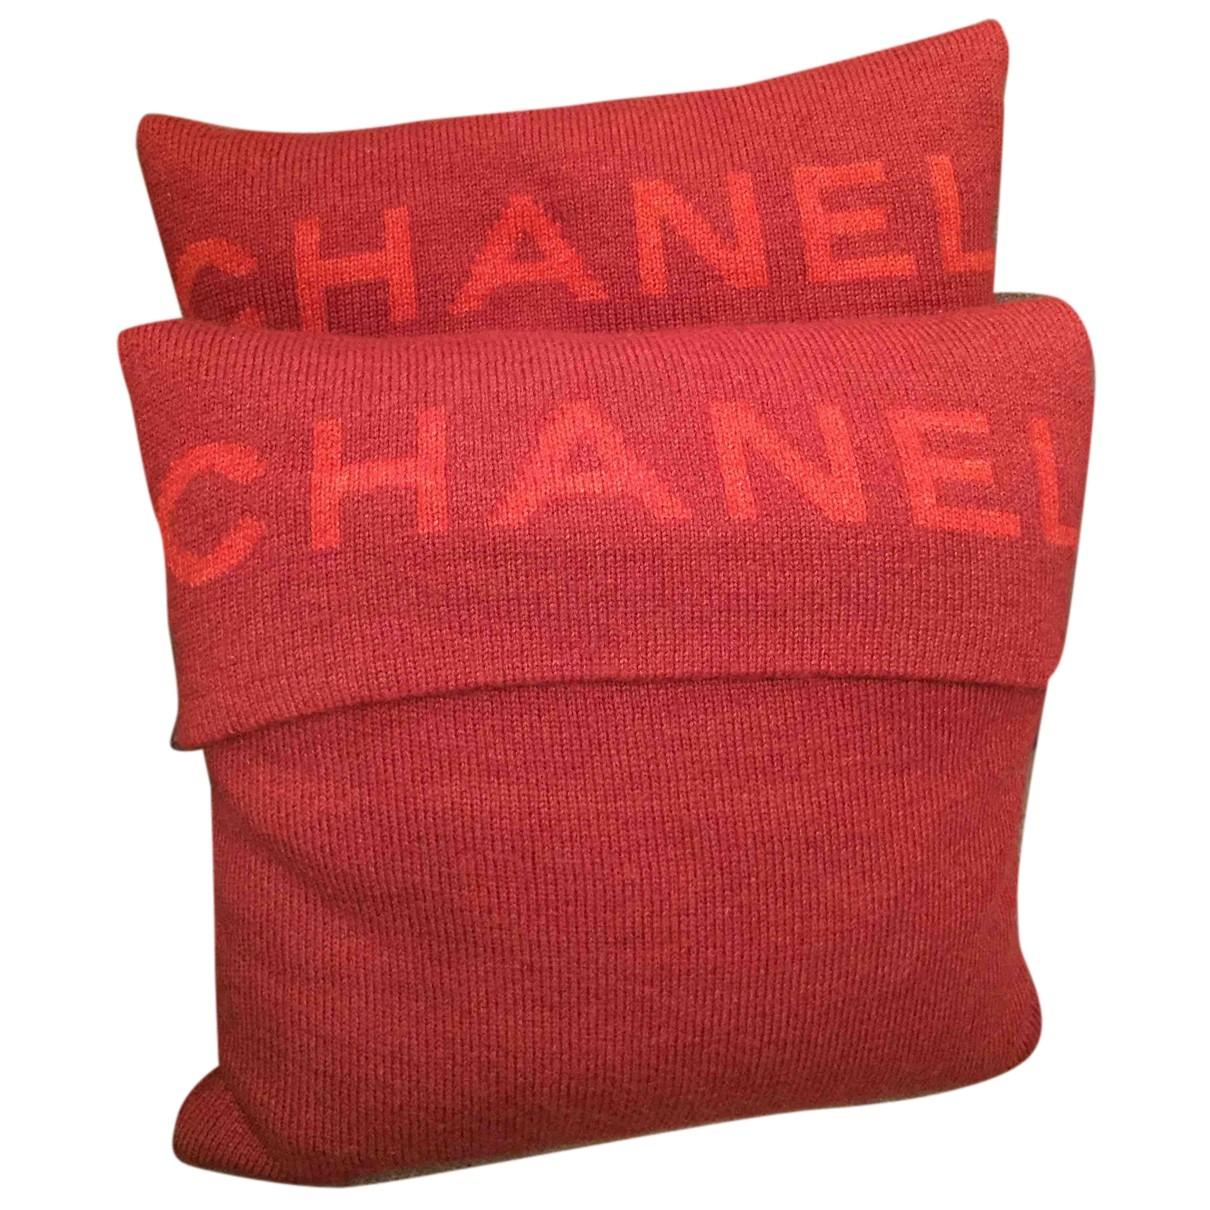 Chanel - Linge de maison   pour lifestyle en laine - bordeaux